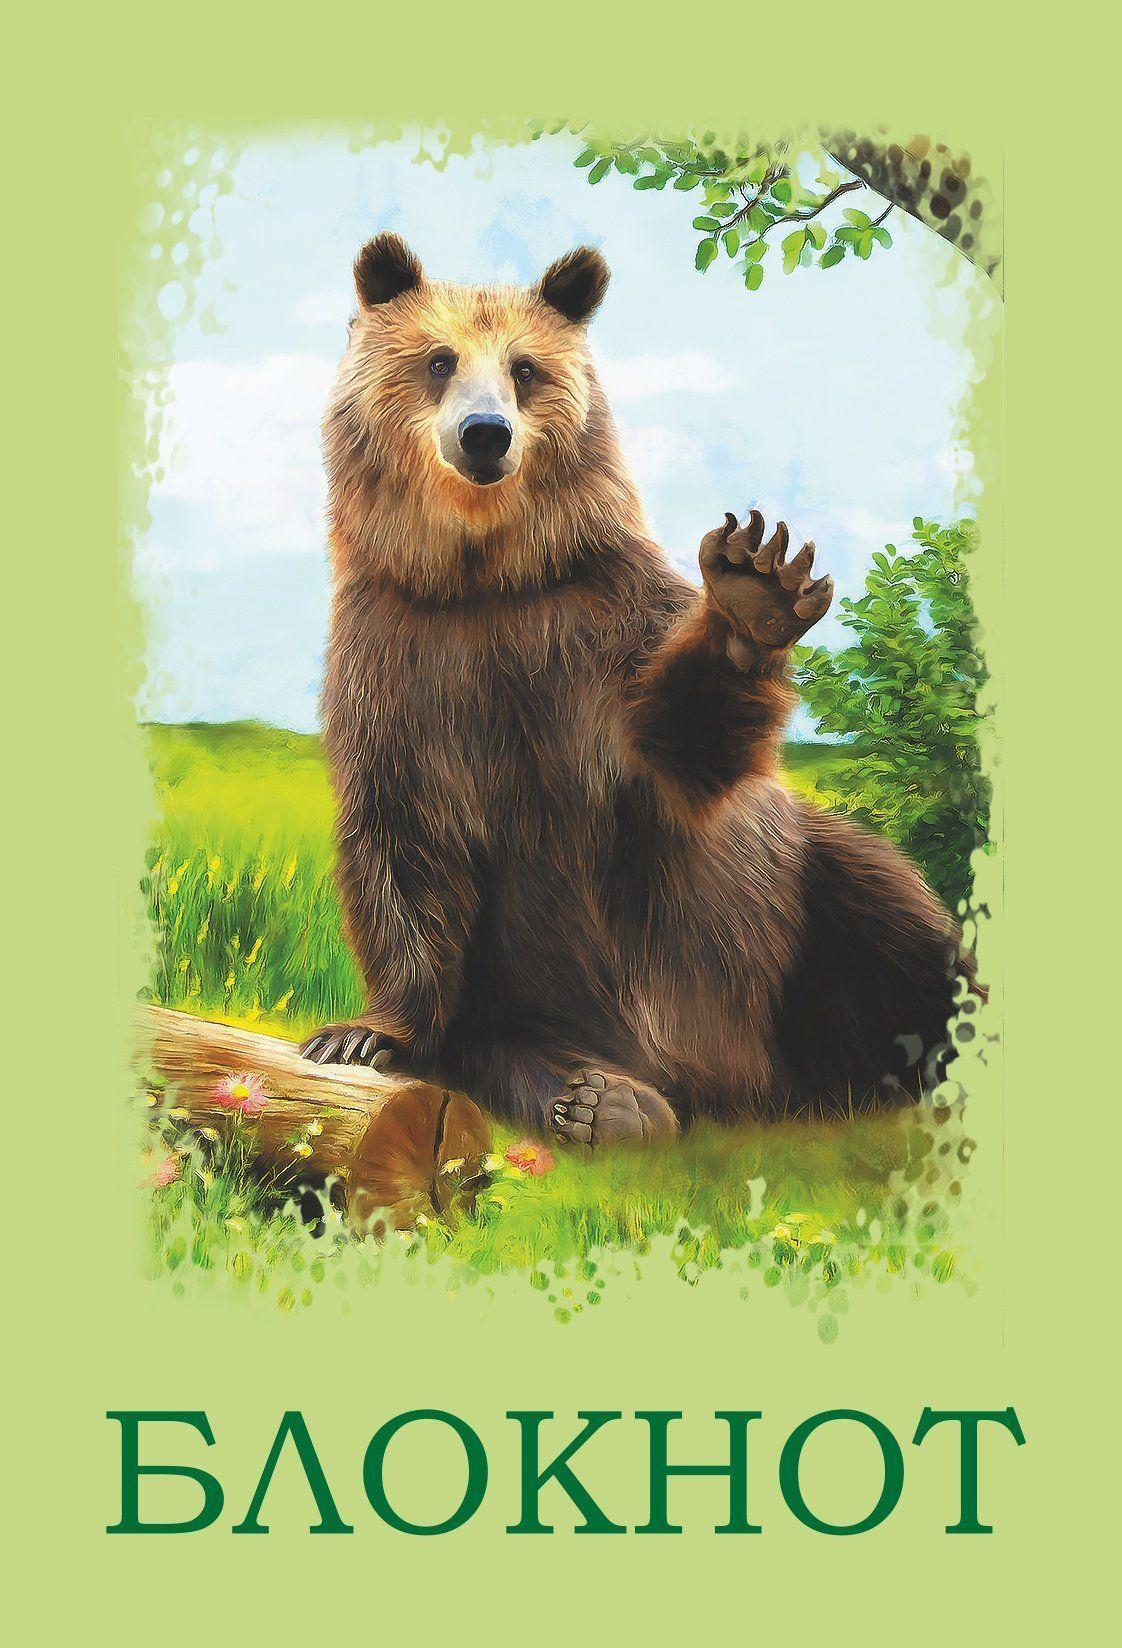 Блокнот (с изображением медведя)Блокноты, ежедневники, тетради<br>Формат А6.Вид линовки: чистый лист.<br><br>Год: 2017<br>Высота: 97<br>Ширина: 140<br>Толщина: 1<br>Переплёт: мягкая, скрепка